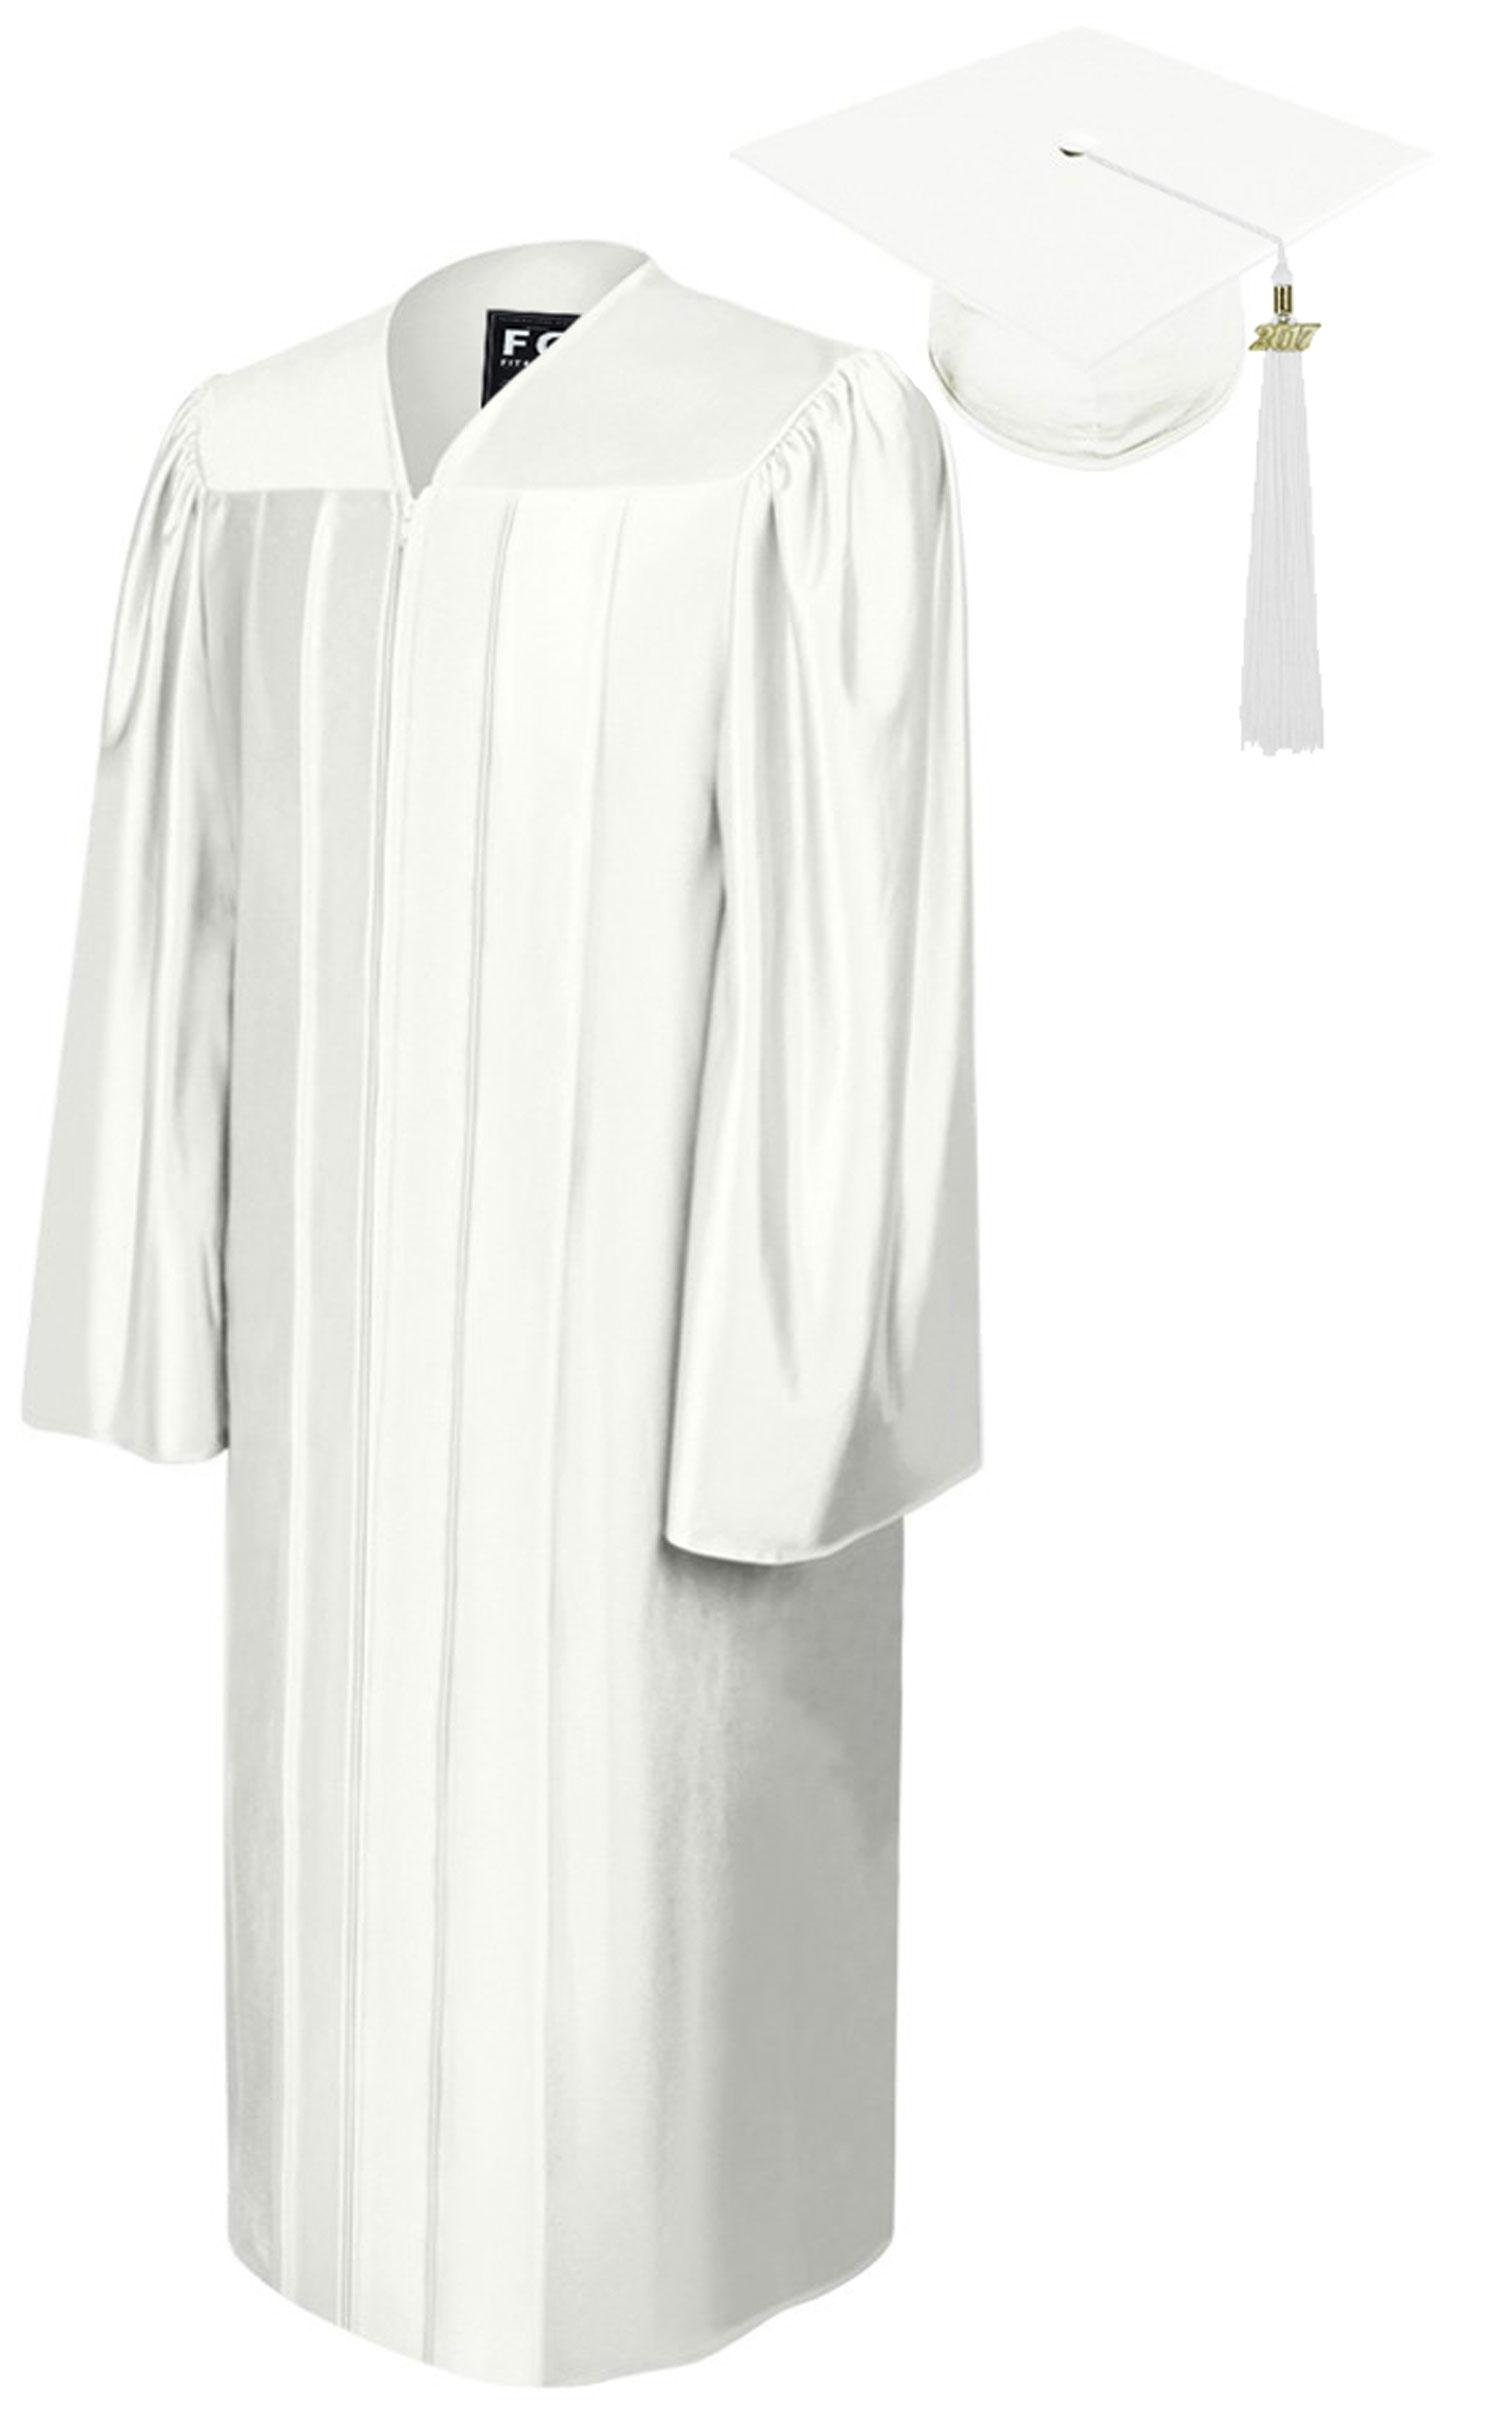 SHINY WHITE CAP, GOWN, GRADUATION BEAR SET-rs4251465613137